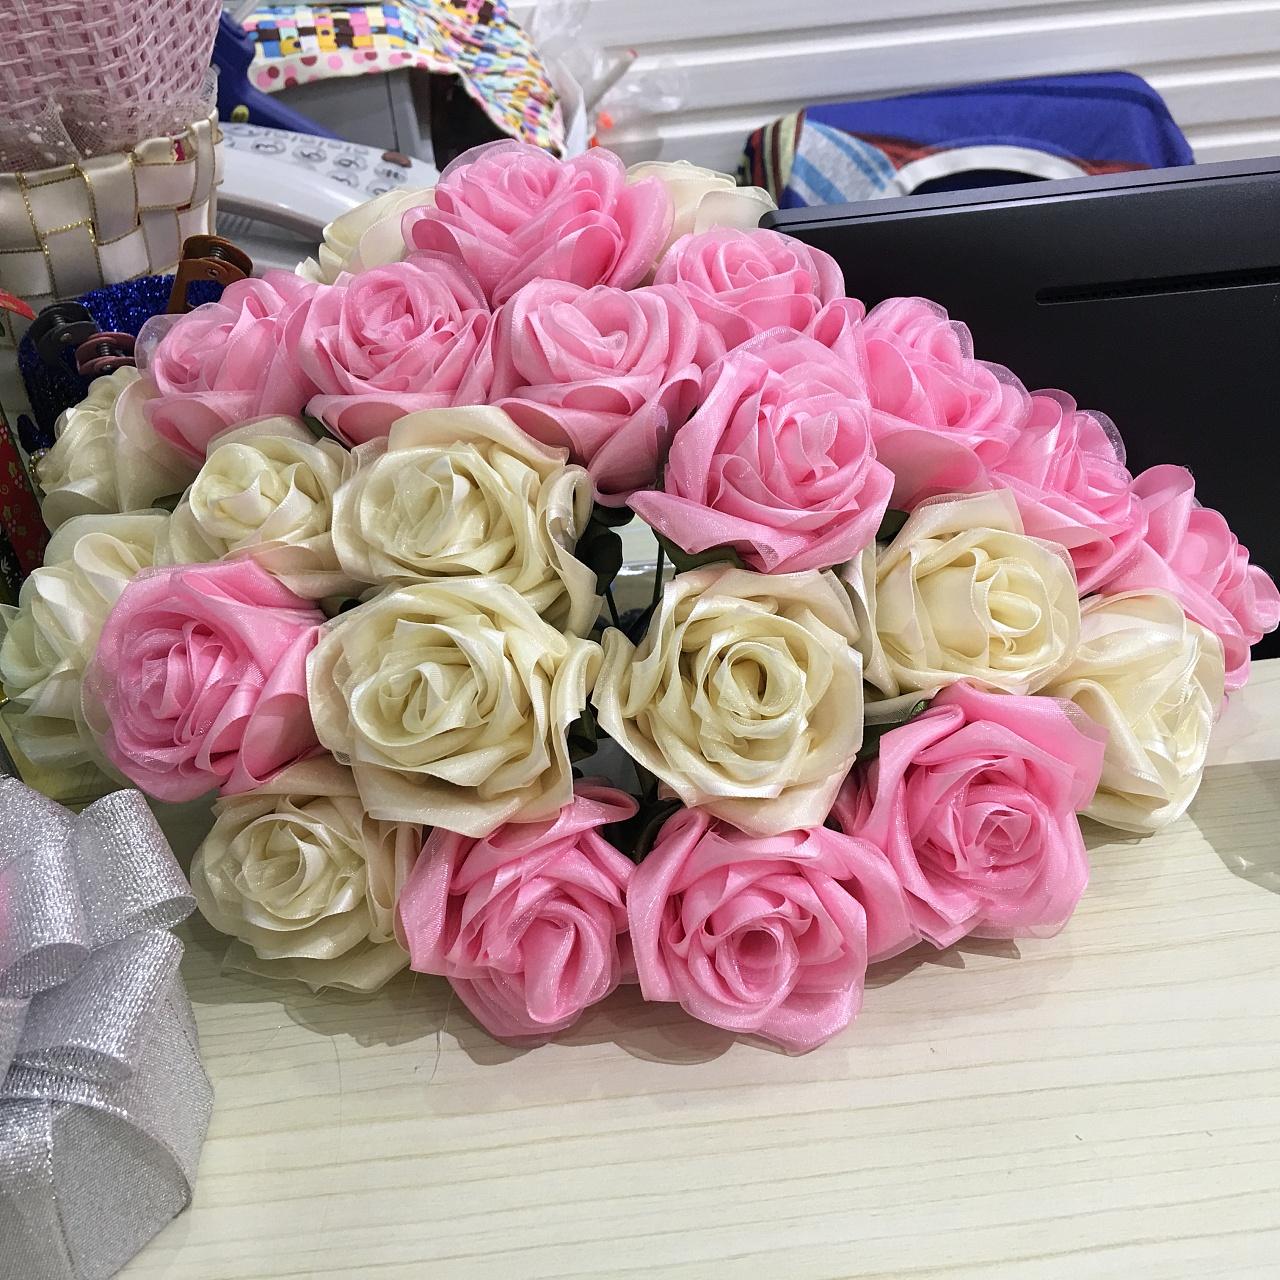 娇艳手工丝带玫瑰花图片